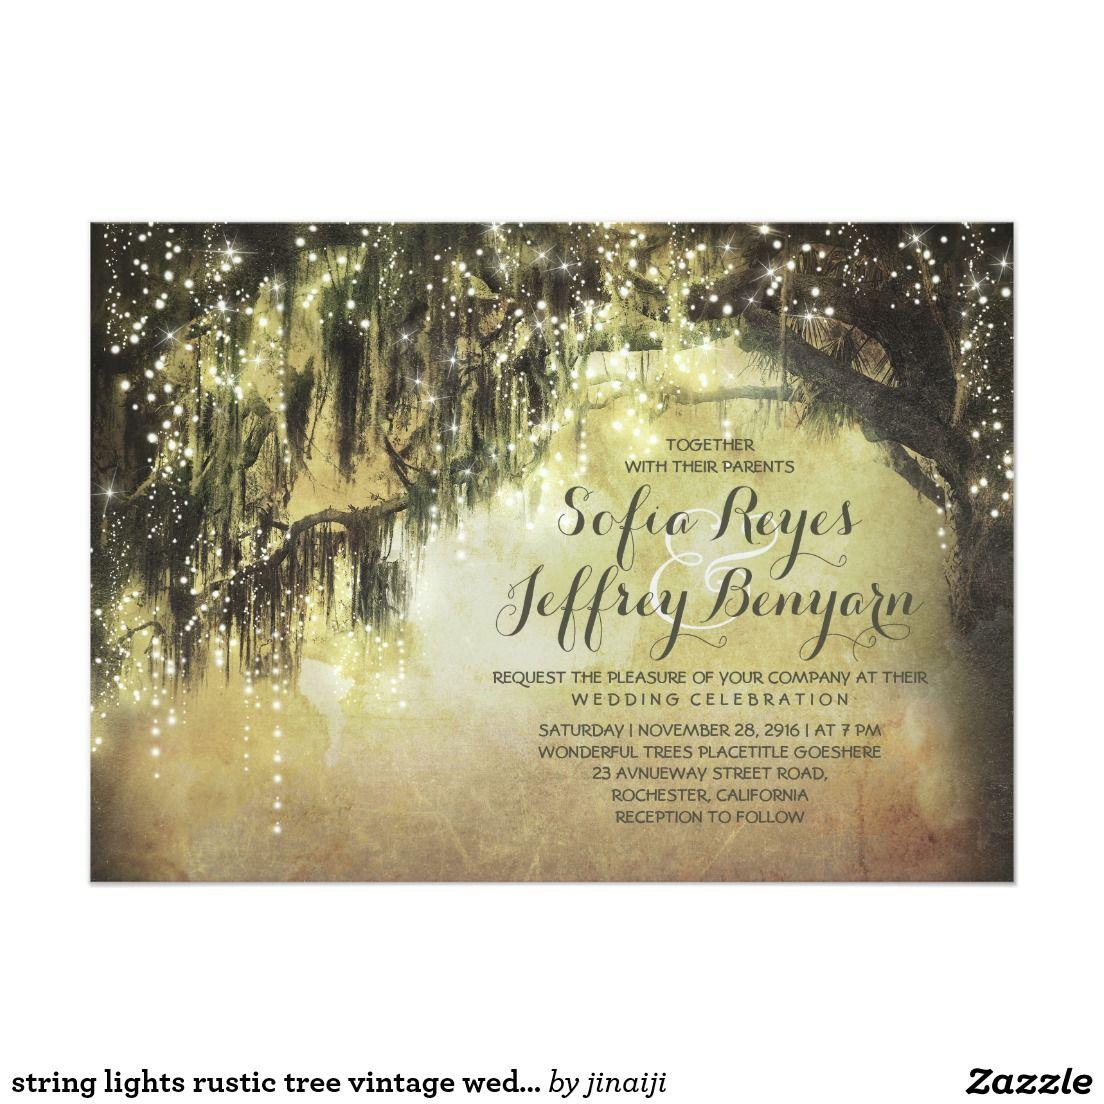 String lights rustic tree vintage wedding invites Trees